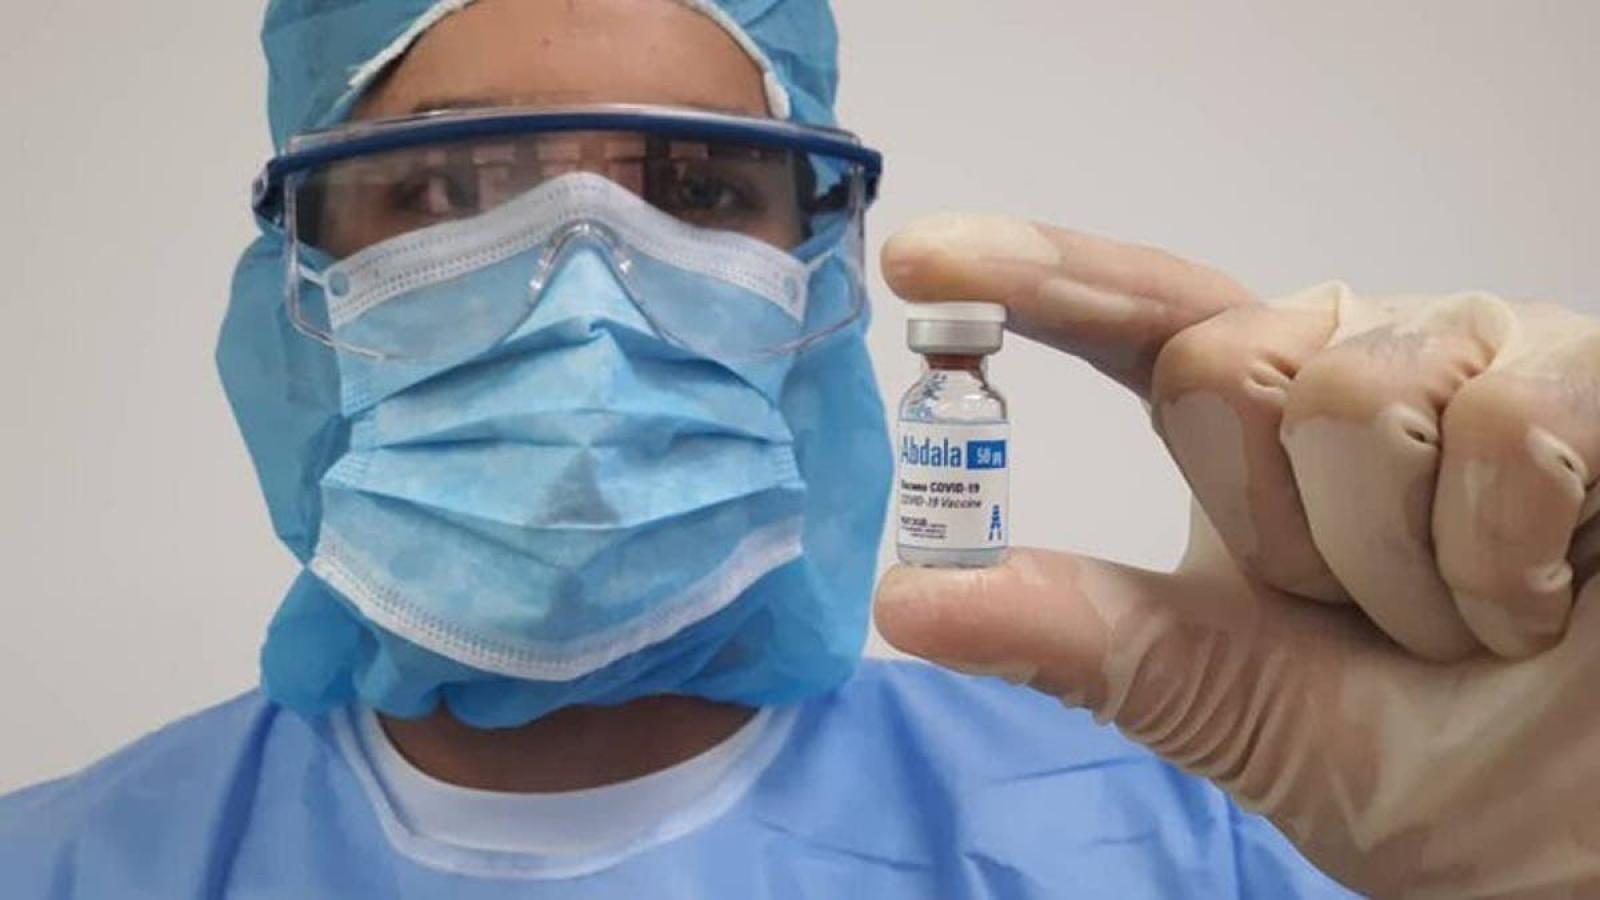 Venezuela chuẩn bị thử nghiệm lâm sàng vaccine COVID-19 của Cuba